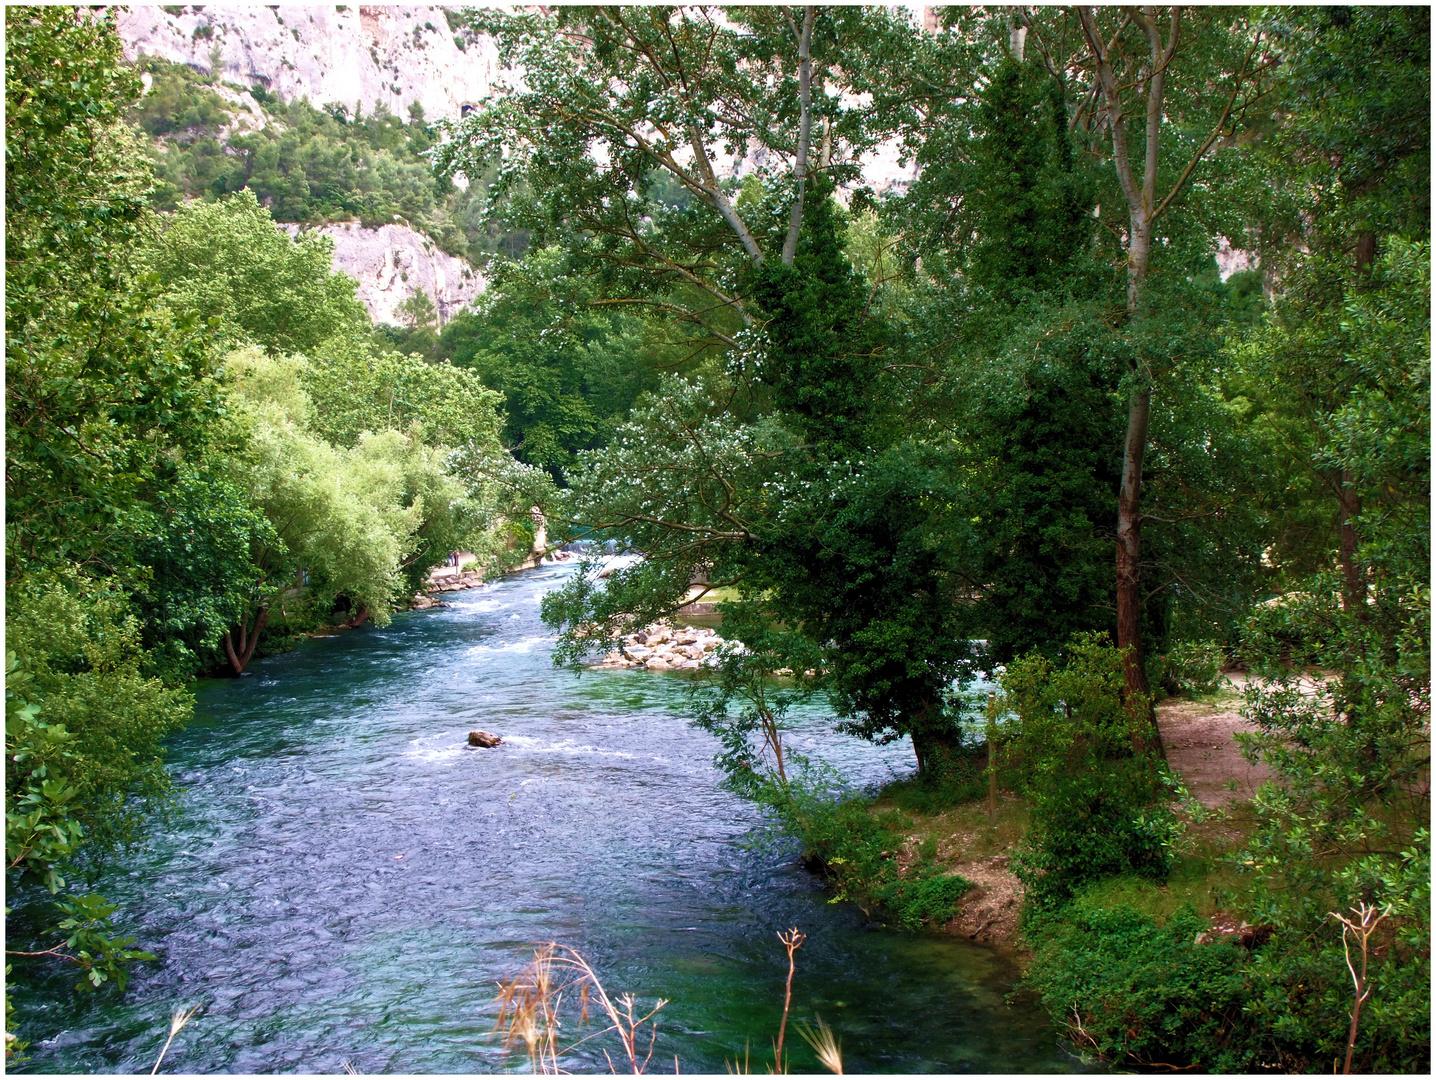 Fontaine-de-Vaucluse. 1